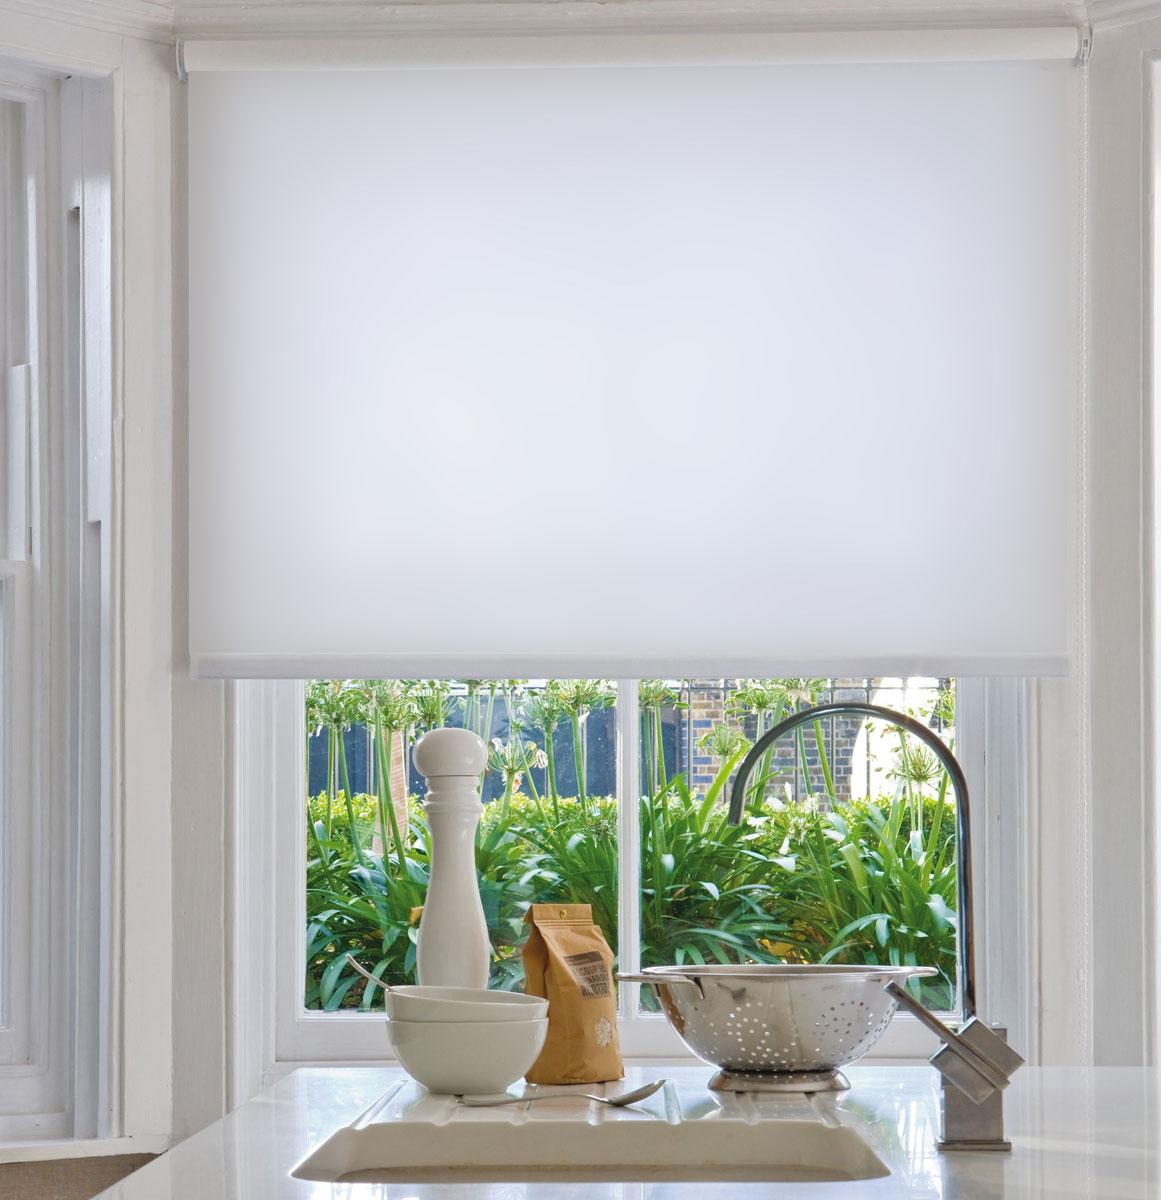 Миниролло KauffOrt 43х170 см, светонепроницаемая, цвет: белый